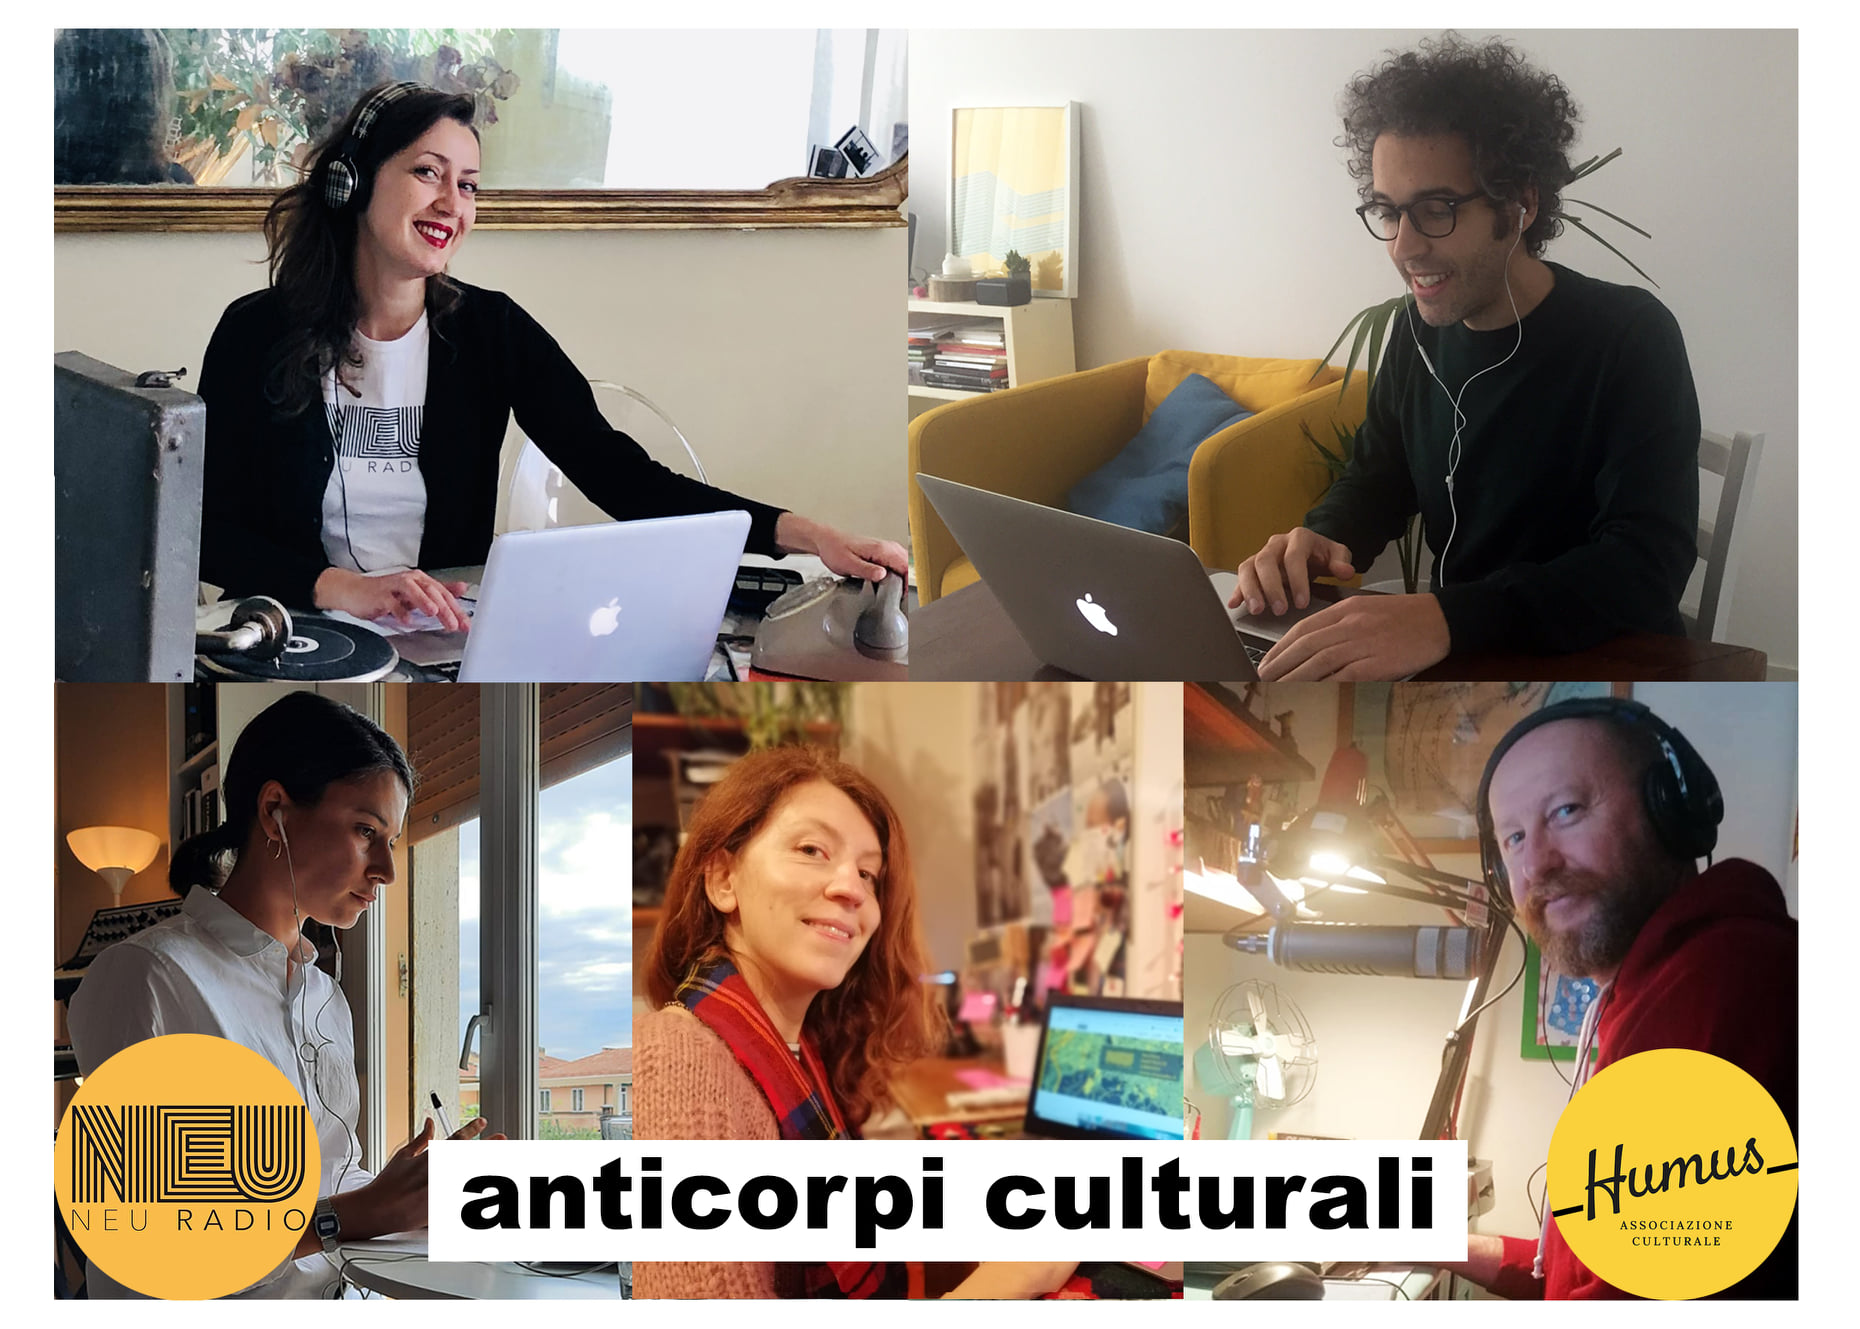 ANTICORPI-CULTURALI